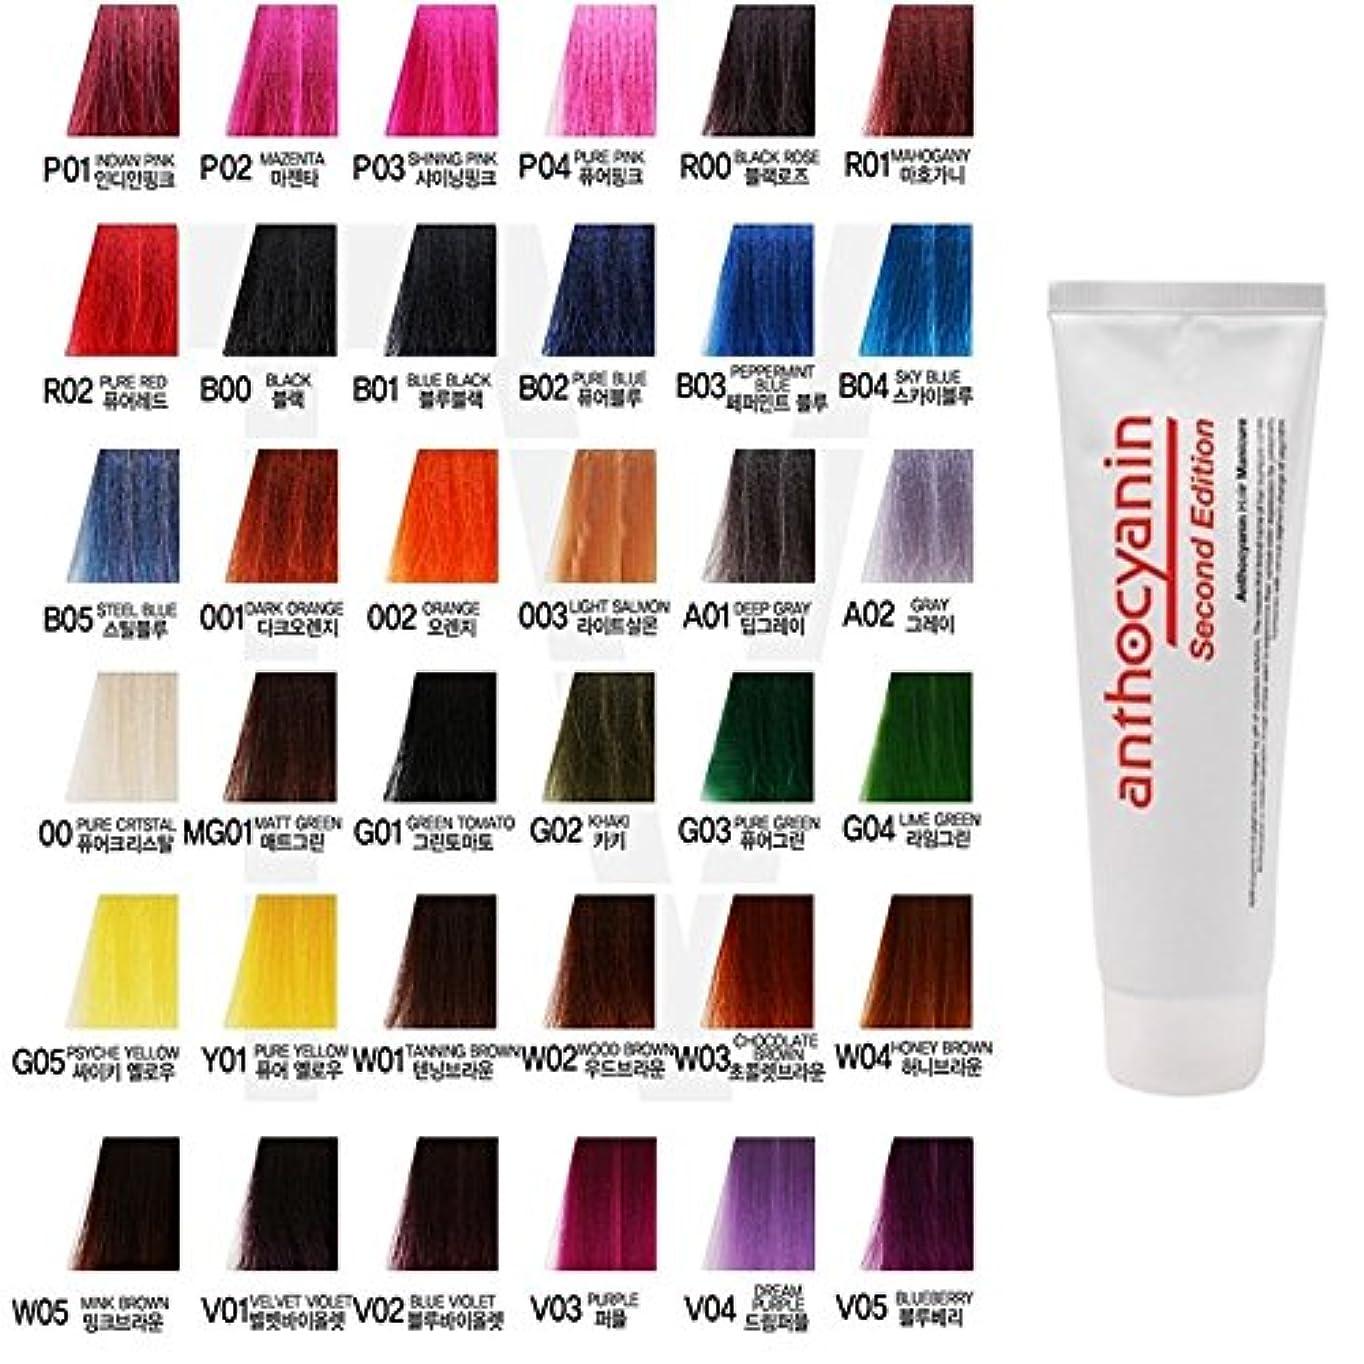 解体するドアミニヘア マニキュア カラー セカンド エディション 230g セミ パーマネント 染毛剤 (Hair Manicure Color Second Edition 230g Semi Permanent Hair Dye)...